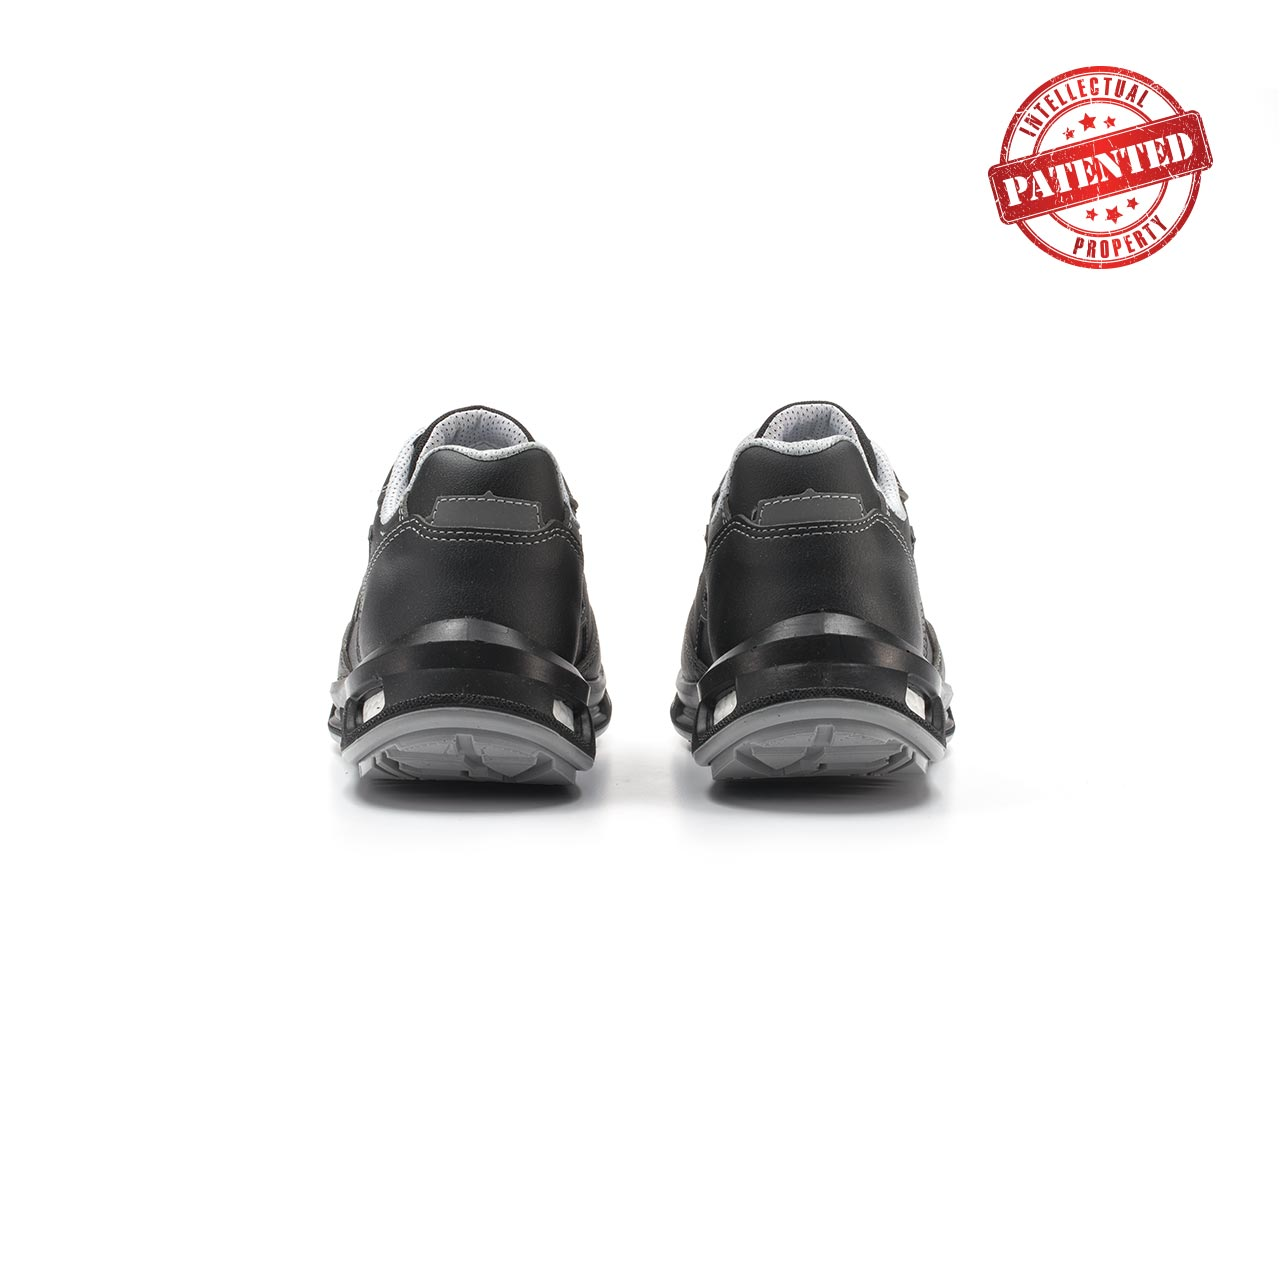 paio di scarpe antinfortunistiche upower modello linkin linea redlion vista retro